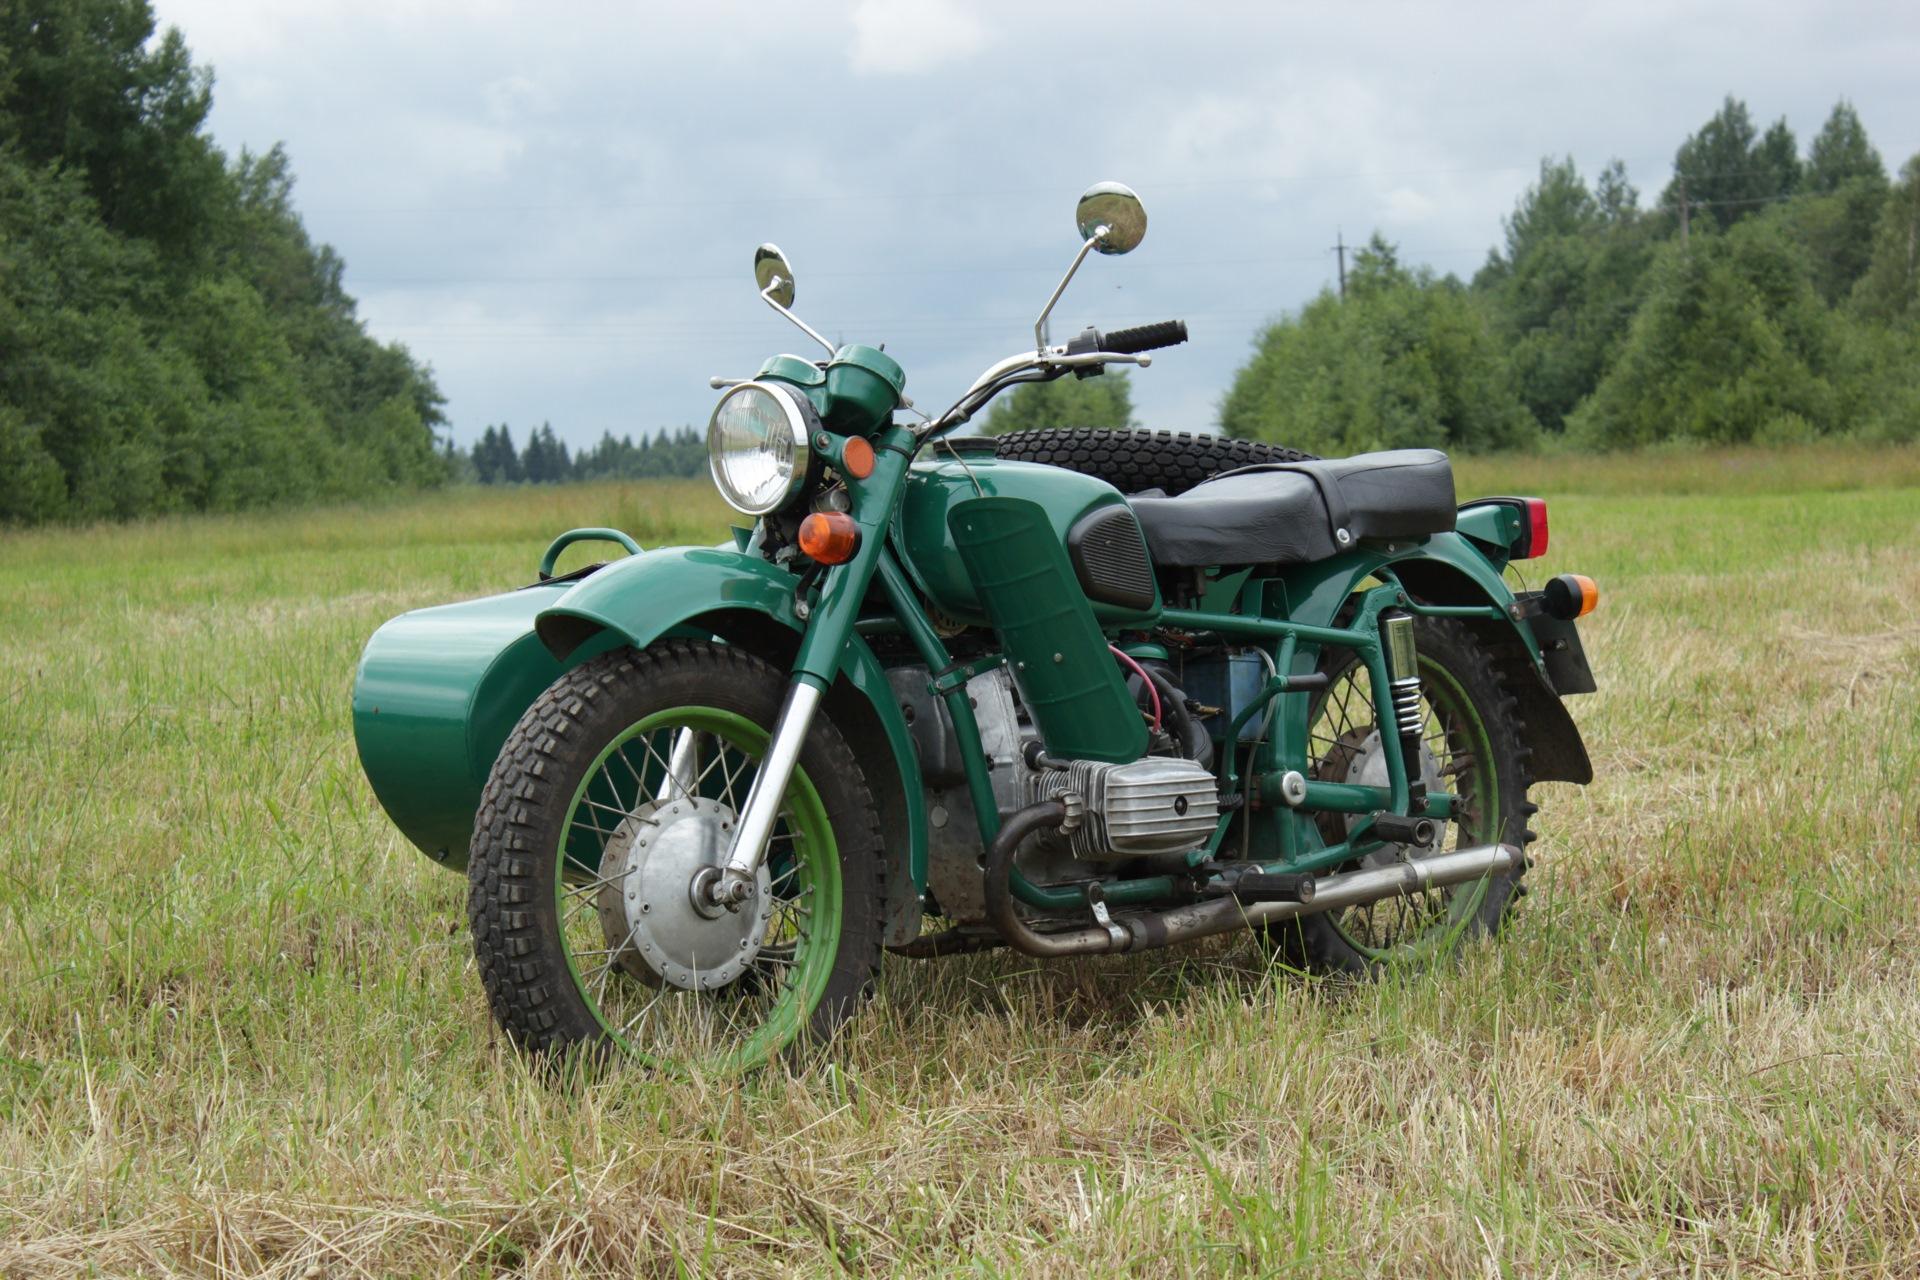 перед смотреть картинки мотоцикла урала выпущены